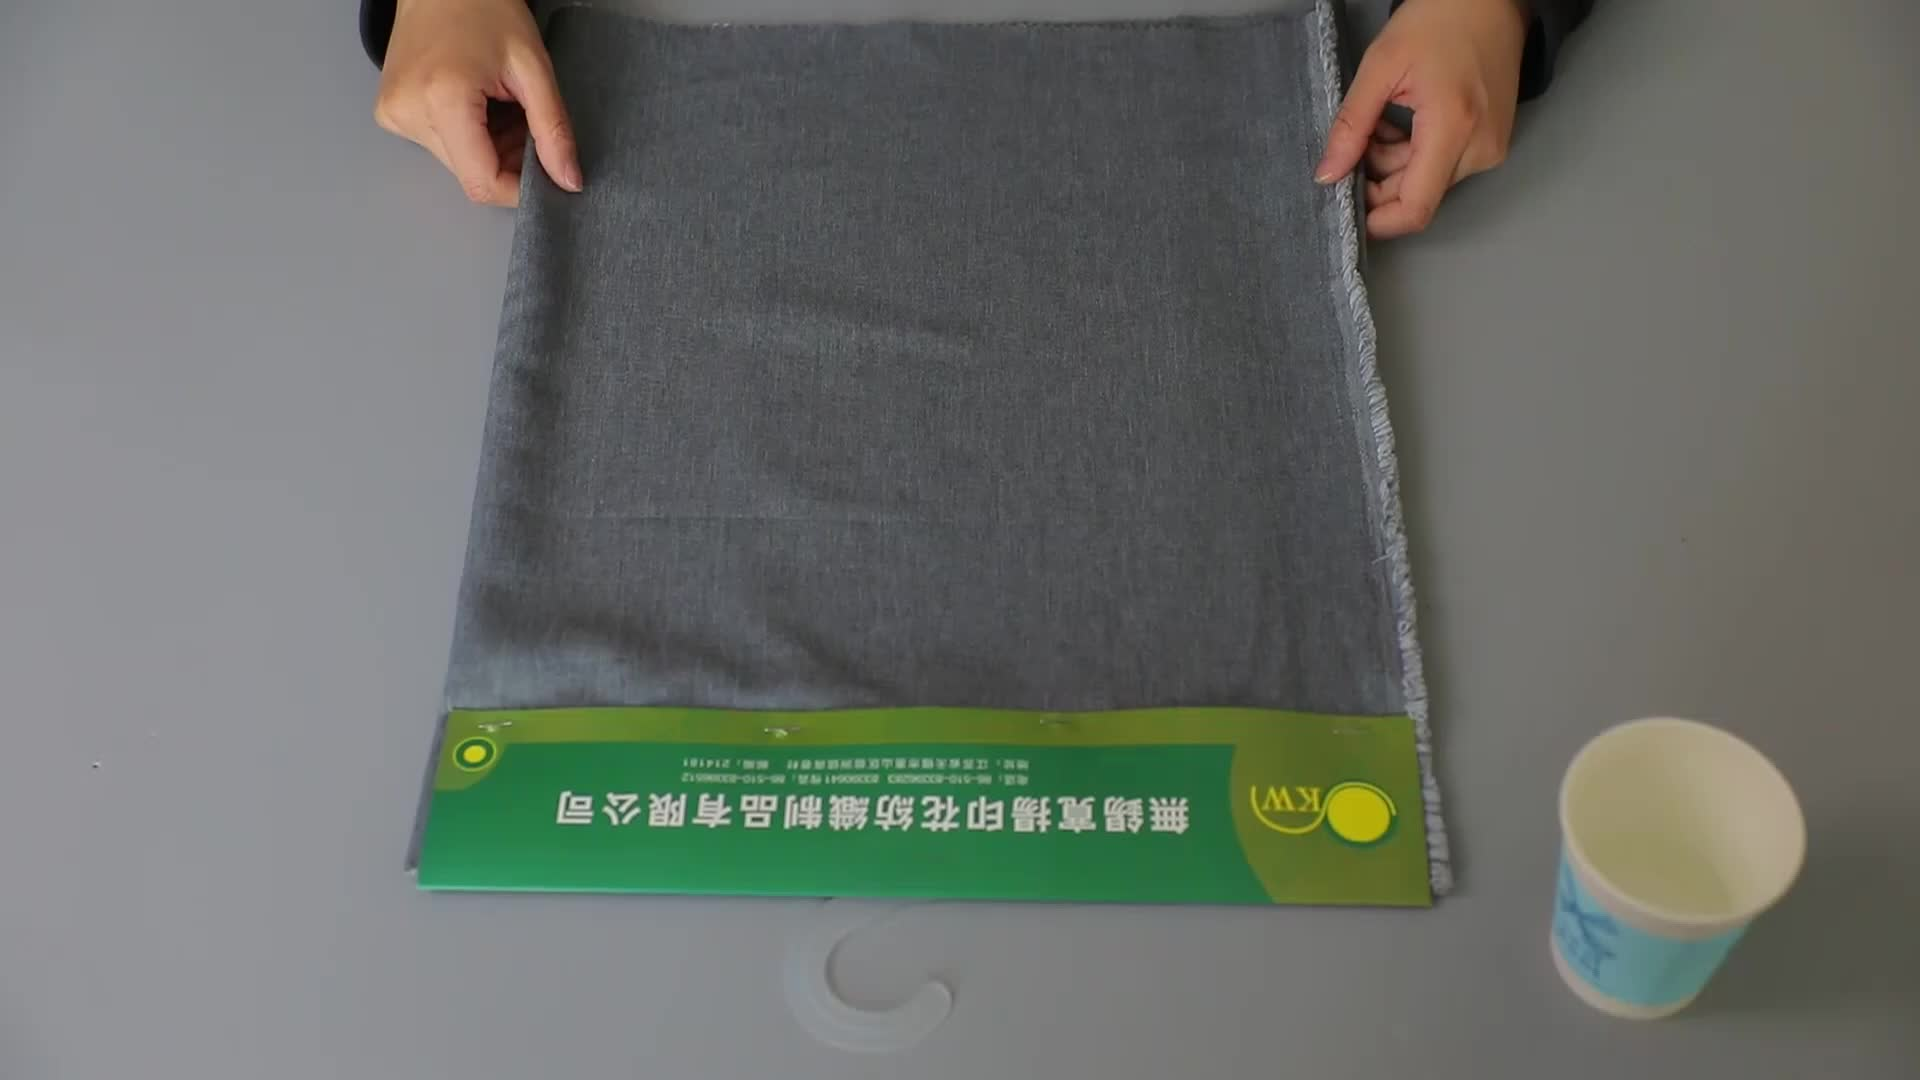 고탄성 Powertex 유기농 재활용 전송 인쇄 수영복 공급 업체